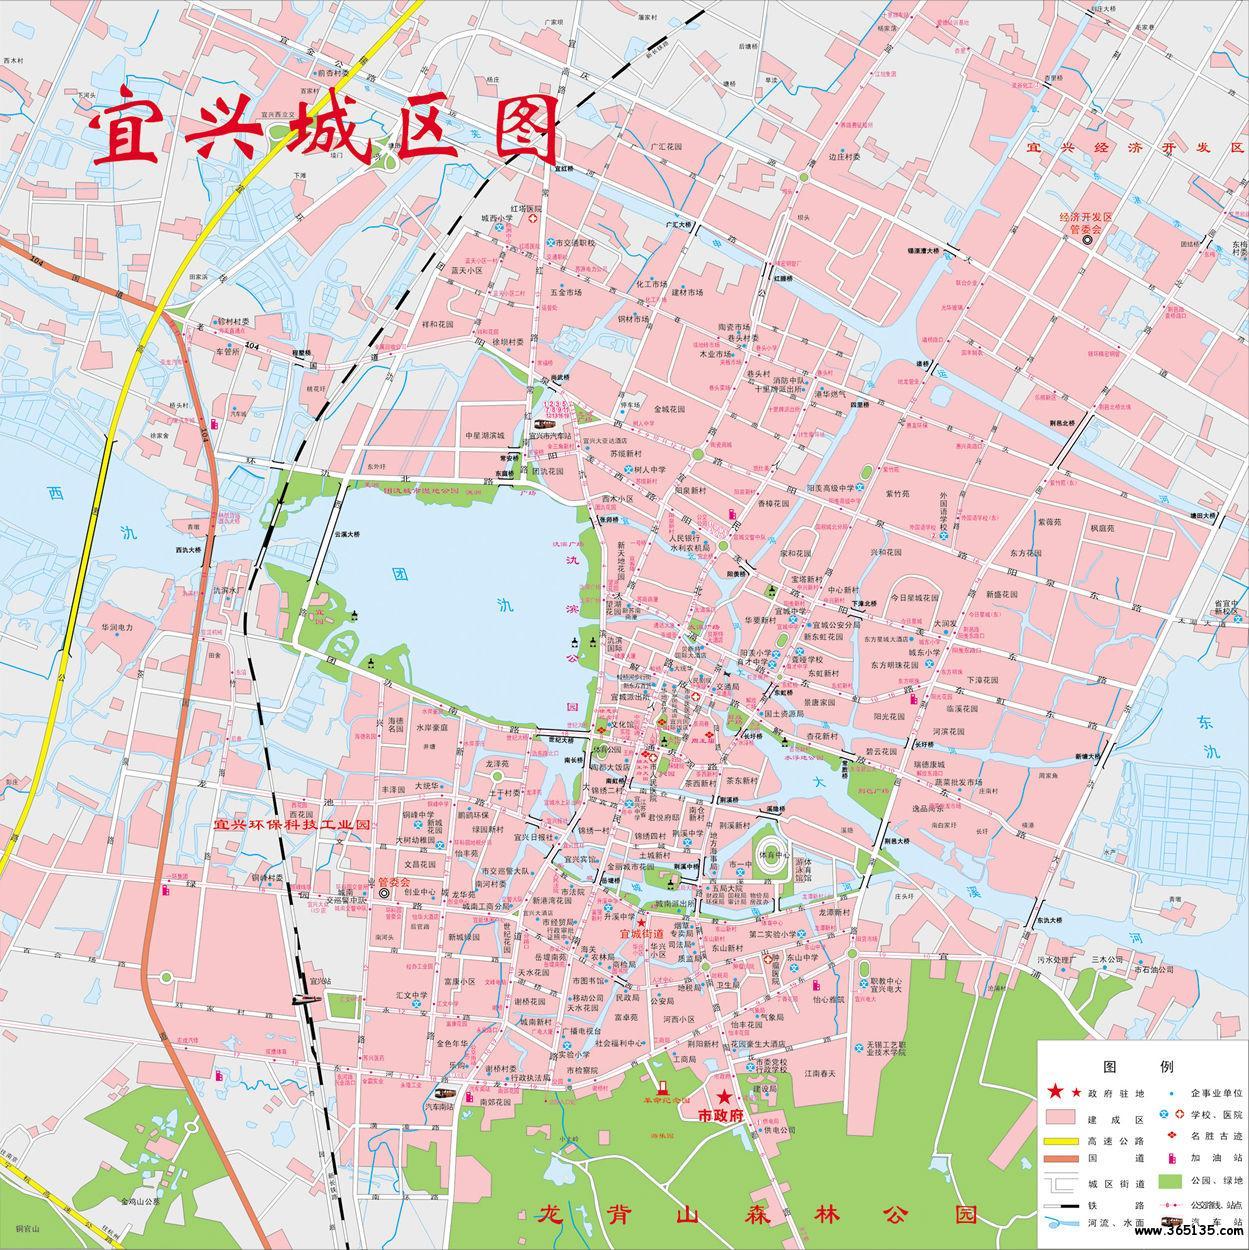 旅游景点地图_云南旅游景点地图_西安旅游景点地图  中国地图全图高清